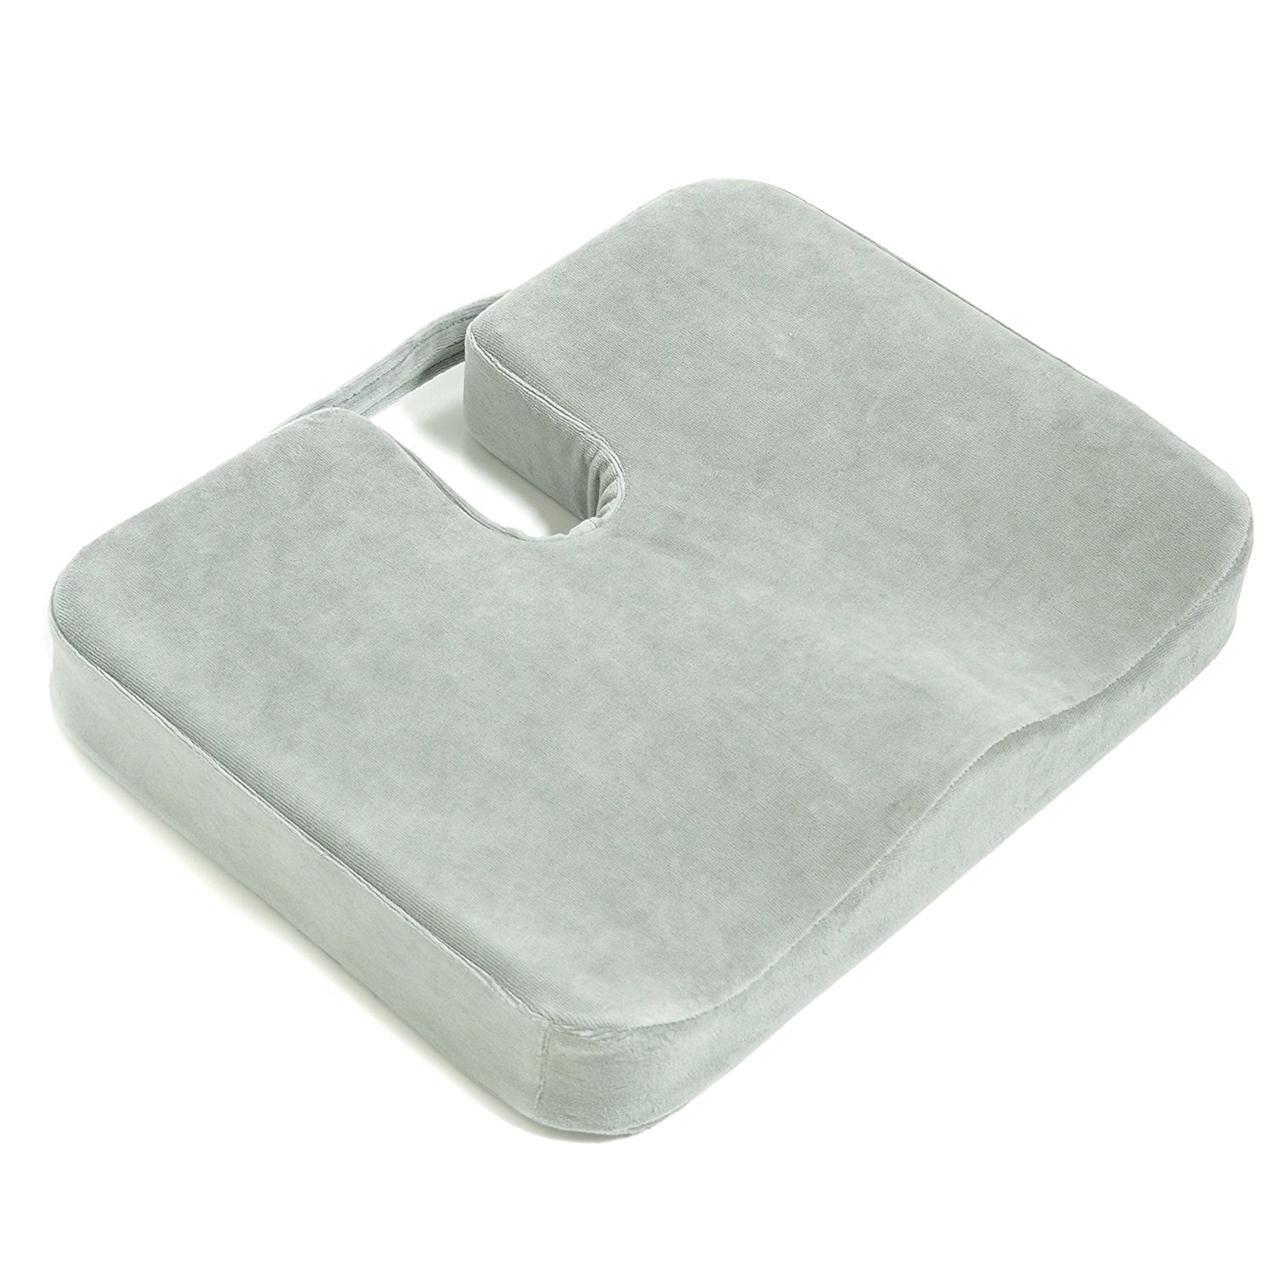 Ортопедическая подушка на сиденье Milliard Coccyx Seat Cushion